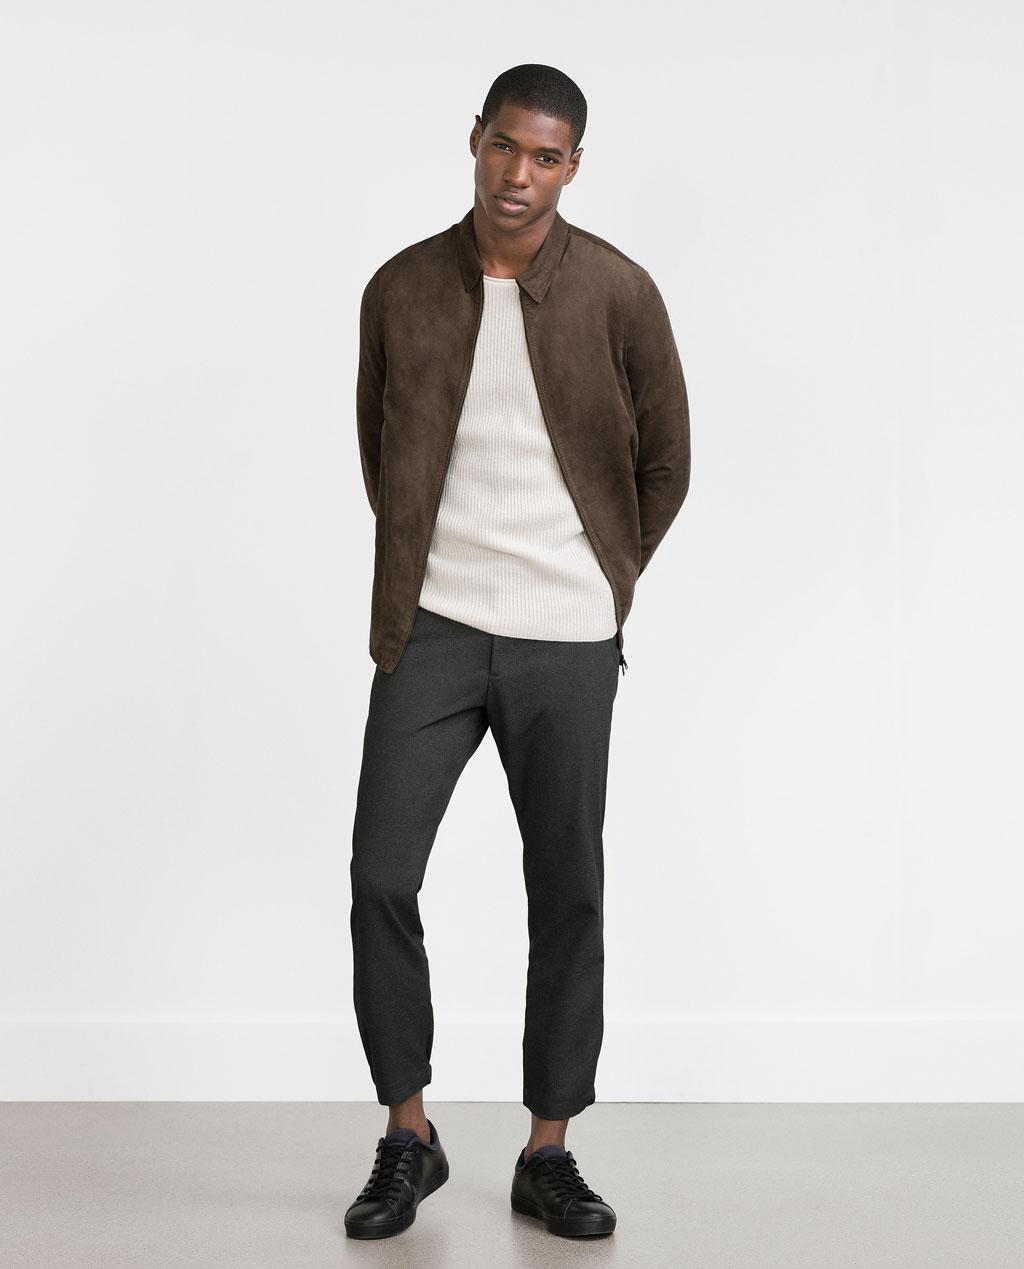 New Arrivals Zara Fall 2015 Menswear The Fashionisto